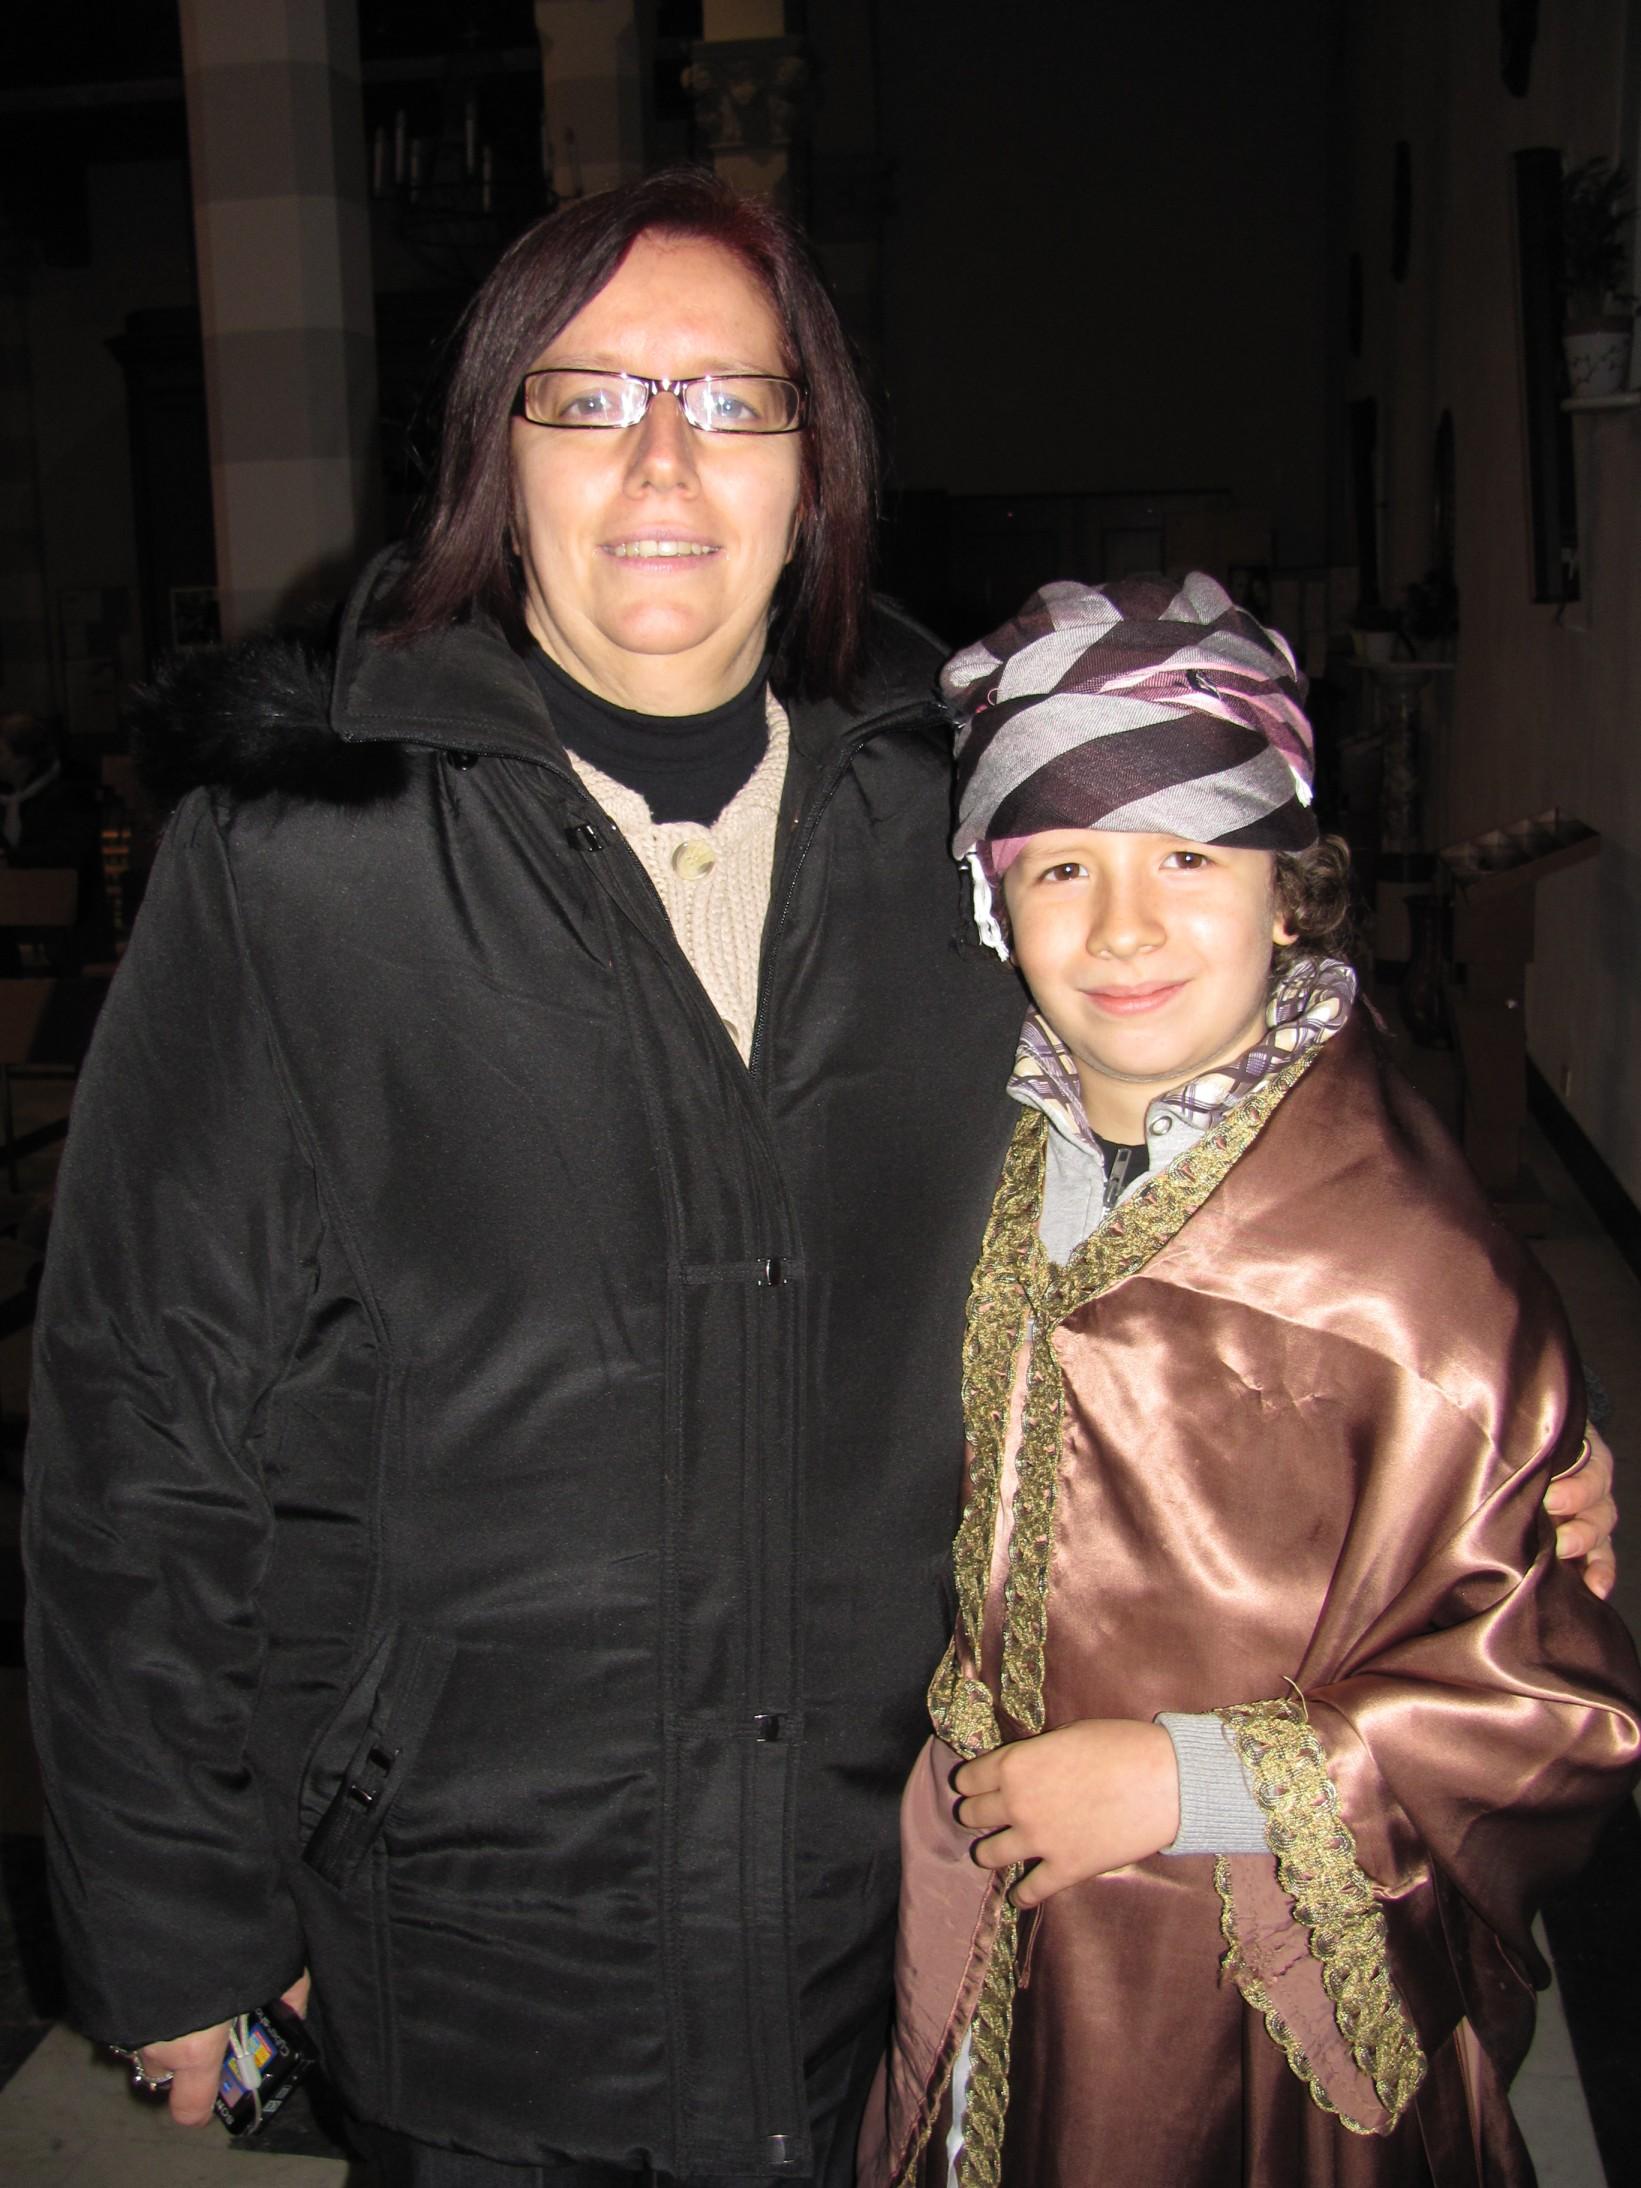 spettacolo_natale_2011-12-24-17-22-24